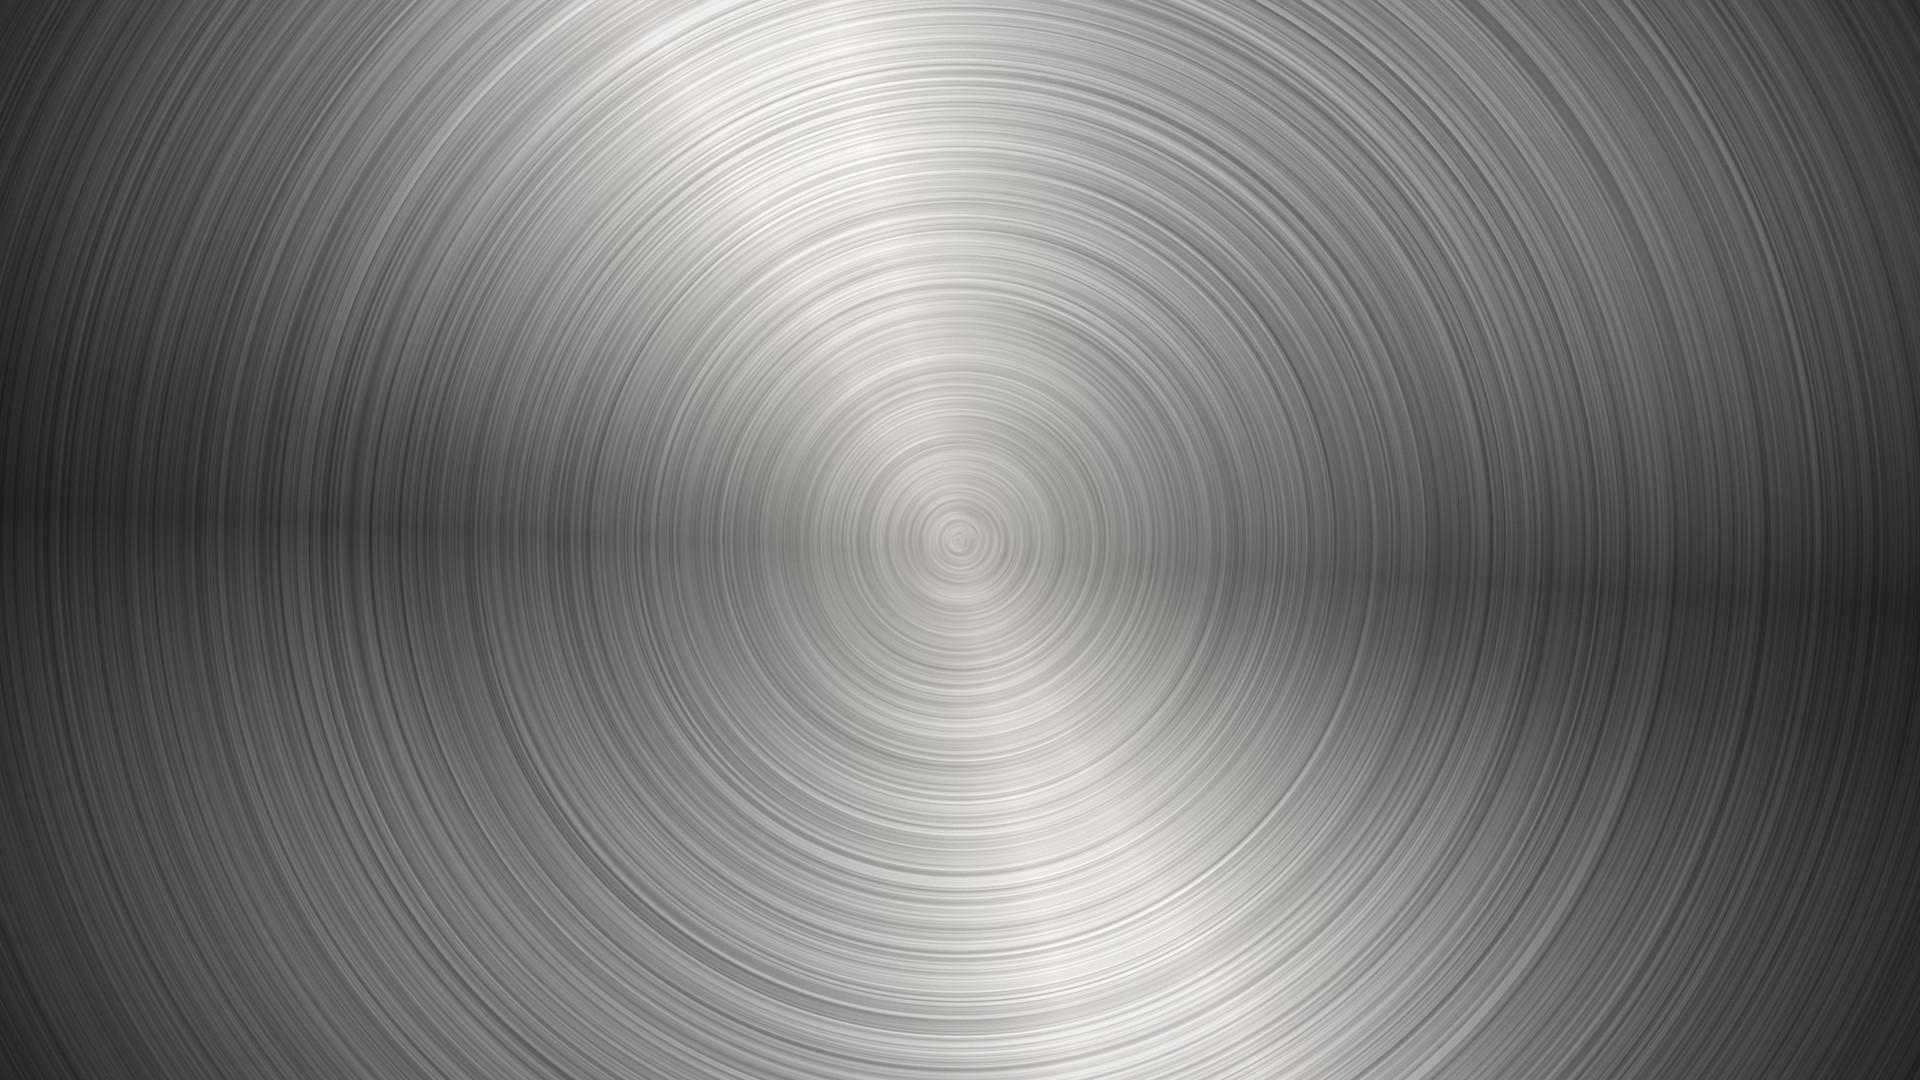 Filename: Brushed-Metal-2.png